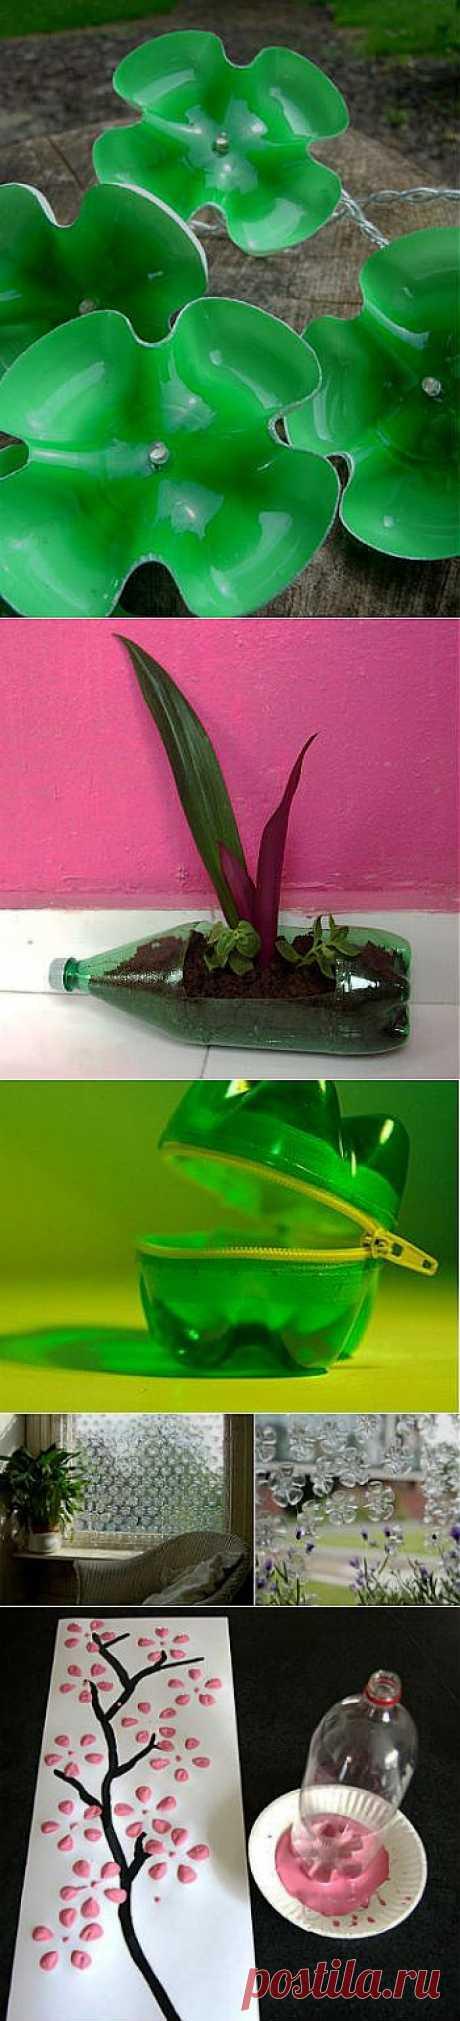 Что сделать из пластиковых бутылок – 14 интересных идей! | Самоделкино